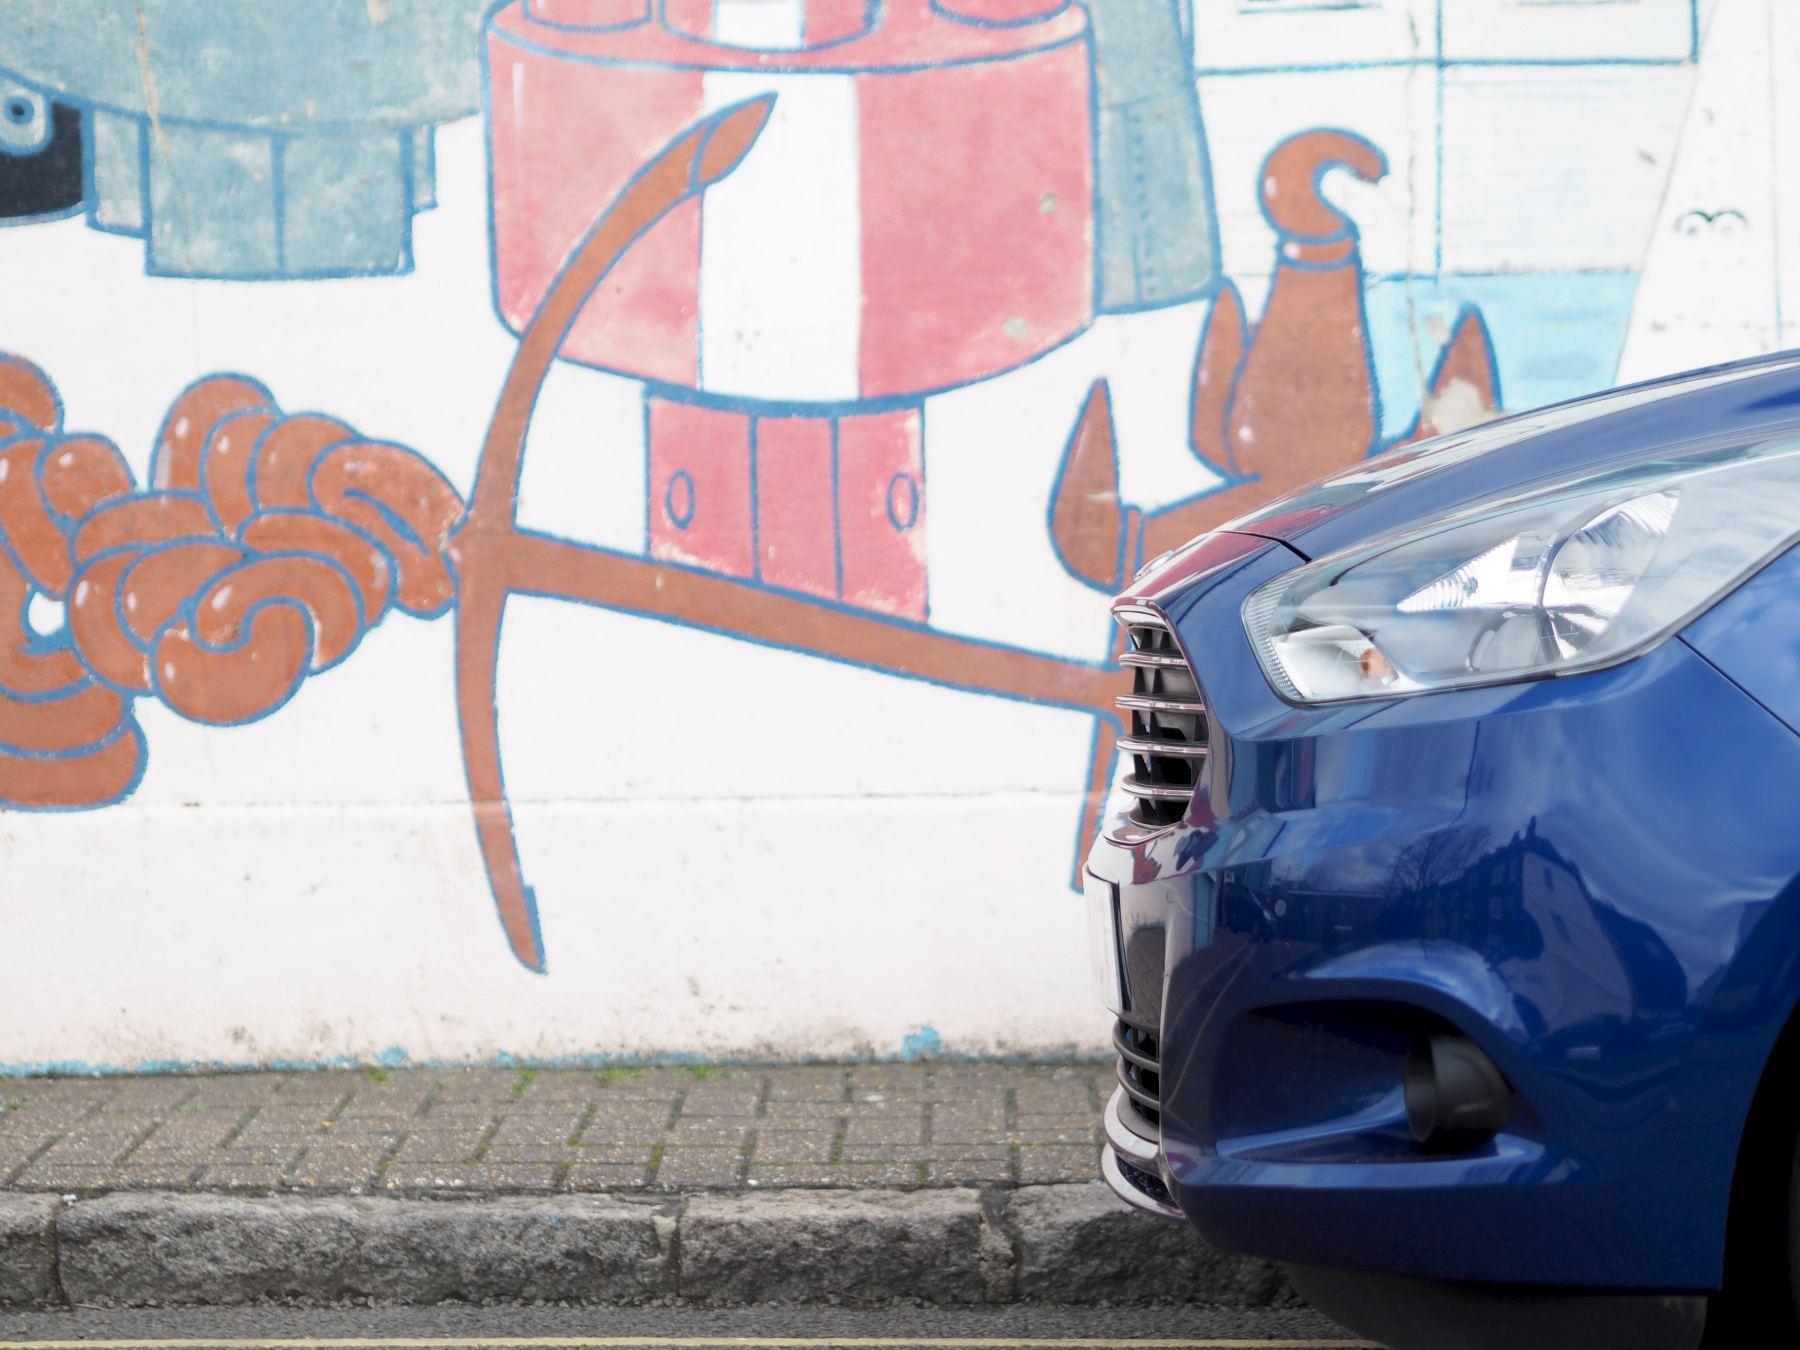 Ford KA+  in blue